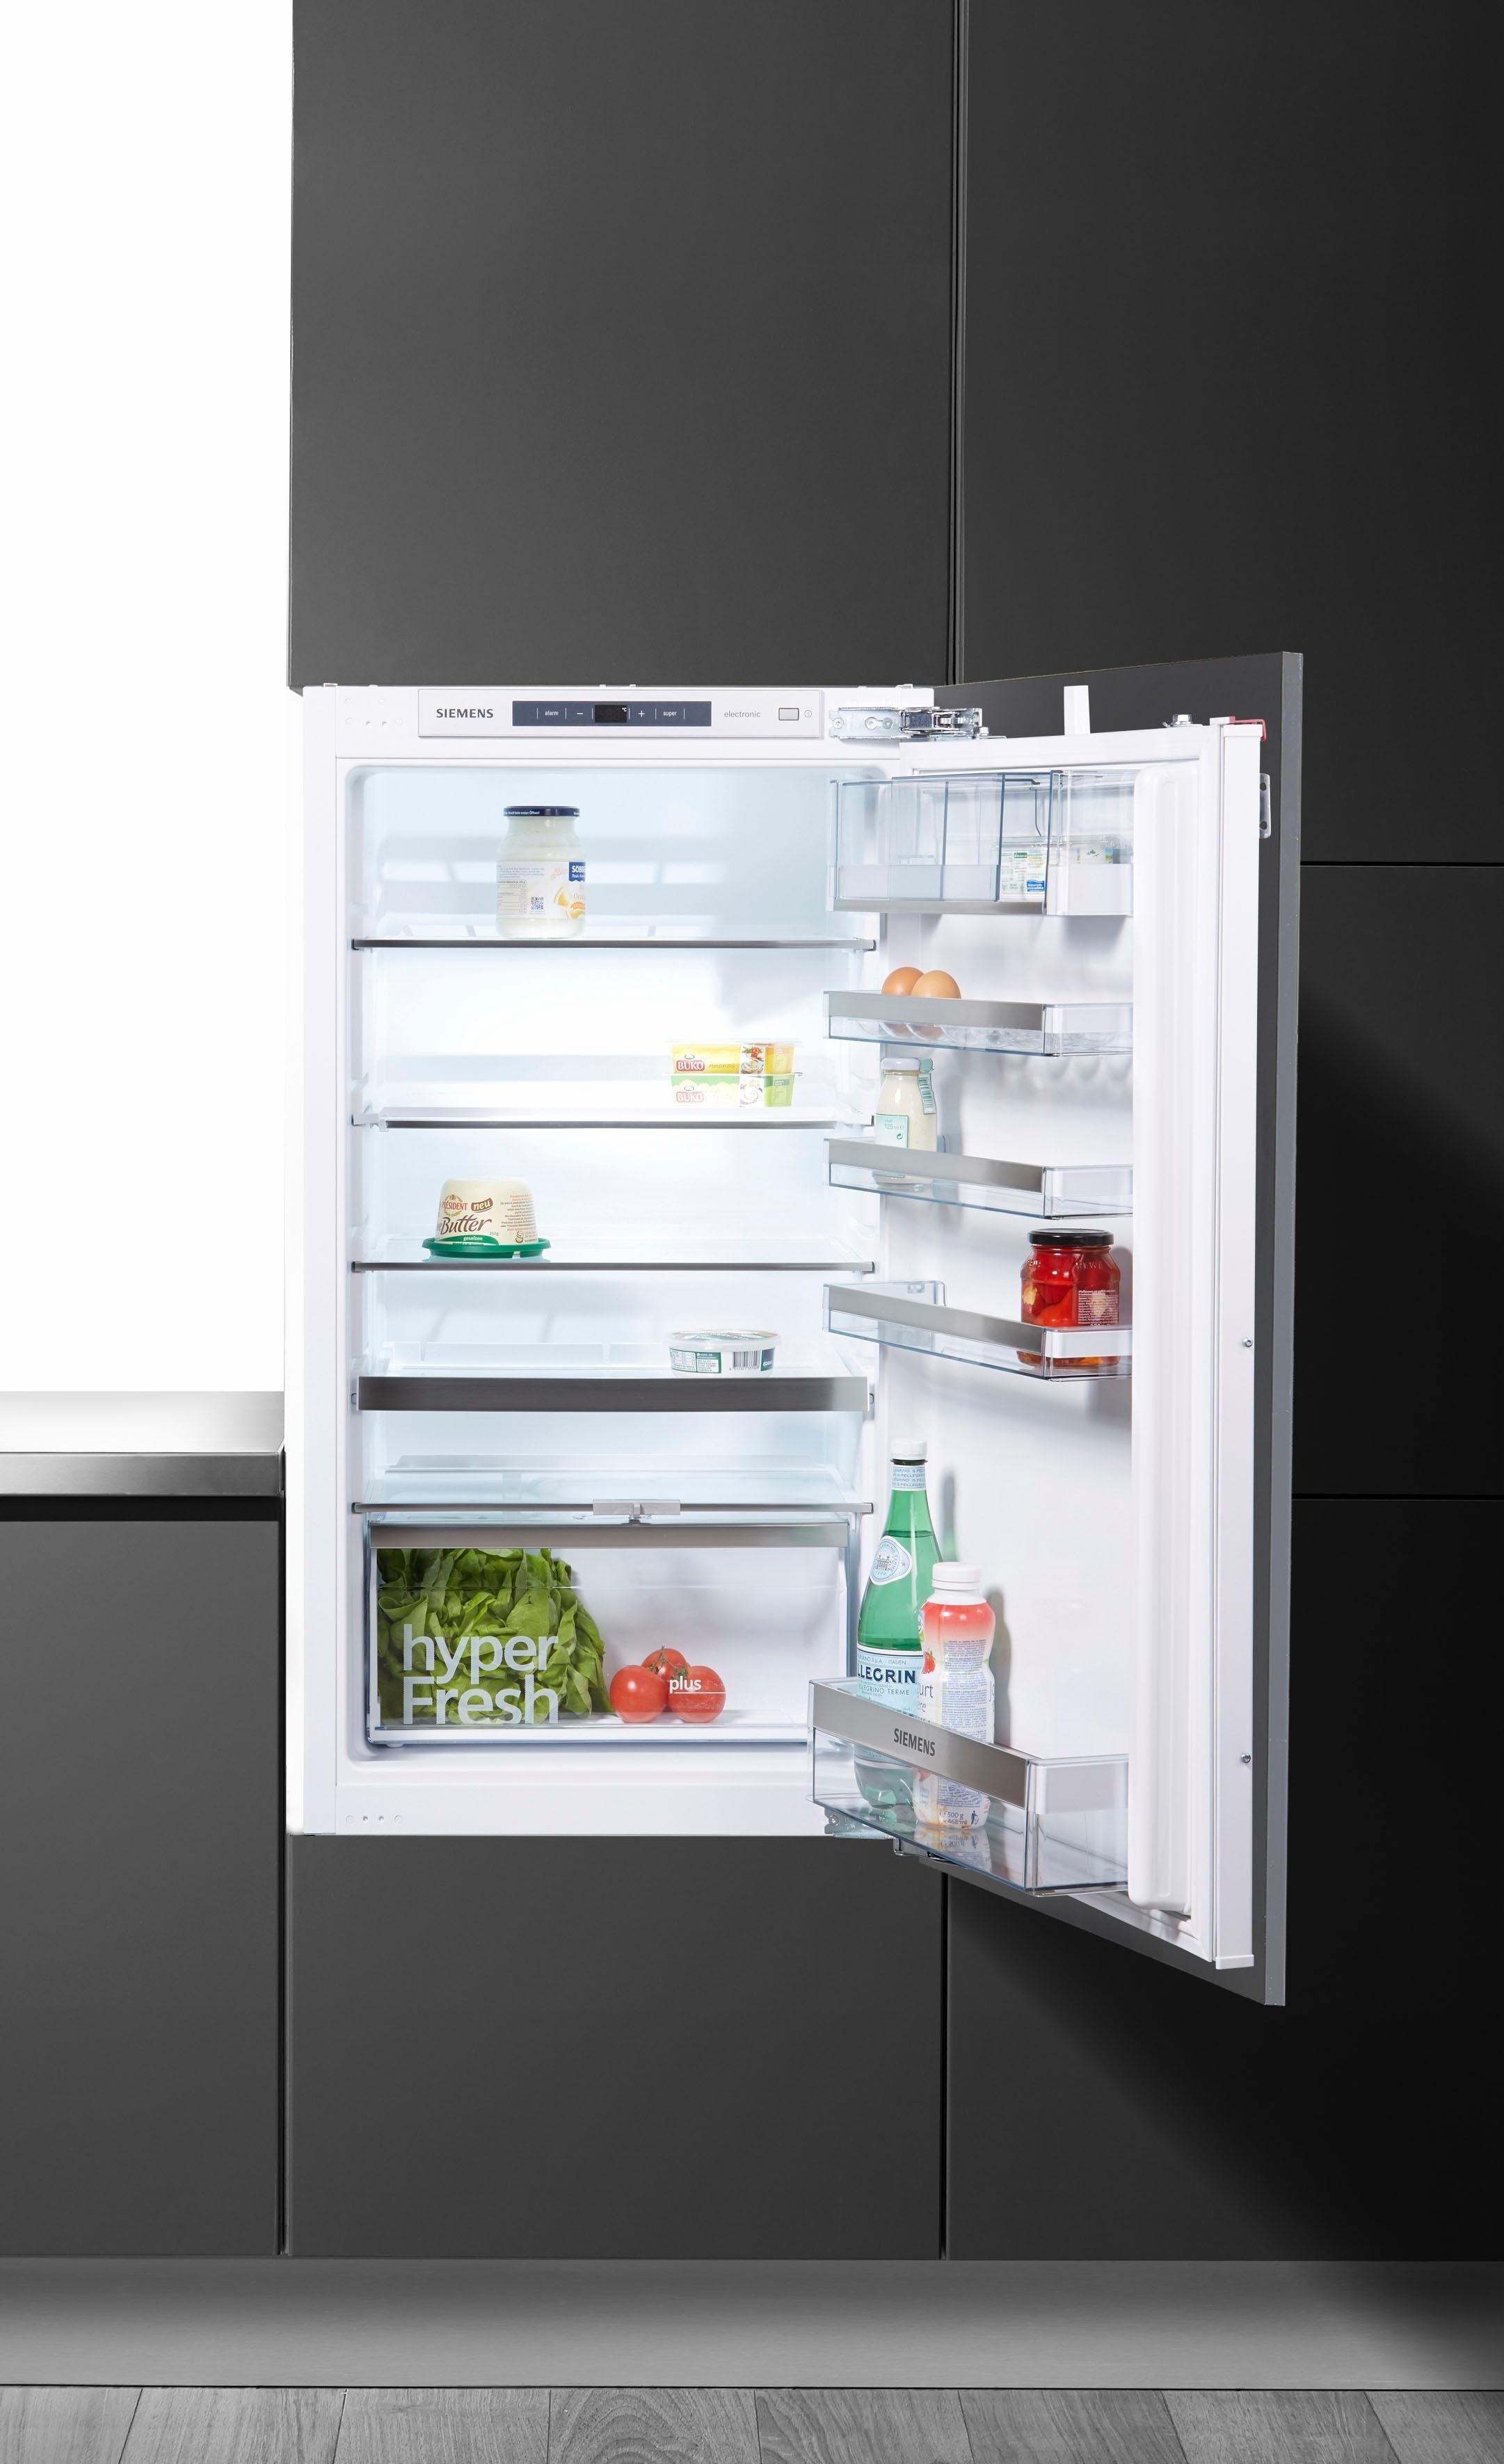 Siemens inbouwkoelkast KI31RAD30, energieklasse A++, 102,1 cm hoog veilig op otto.nl kopen